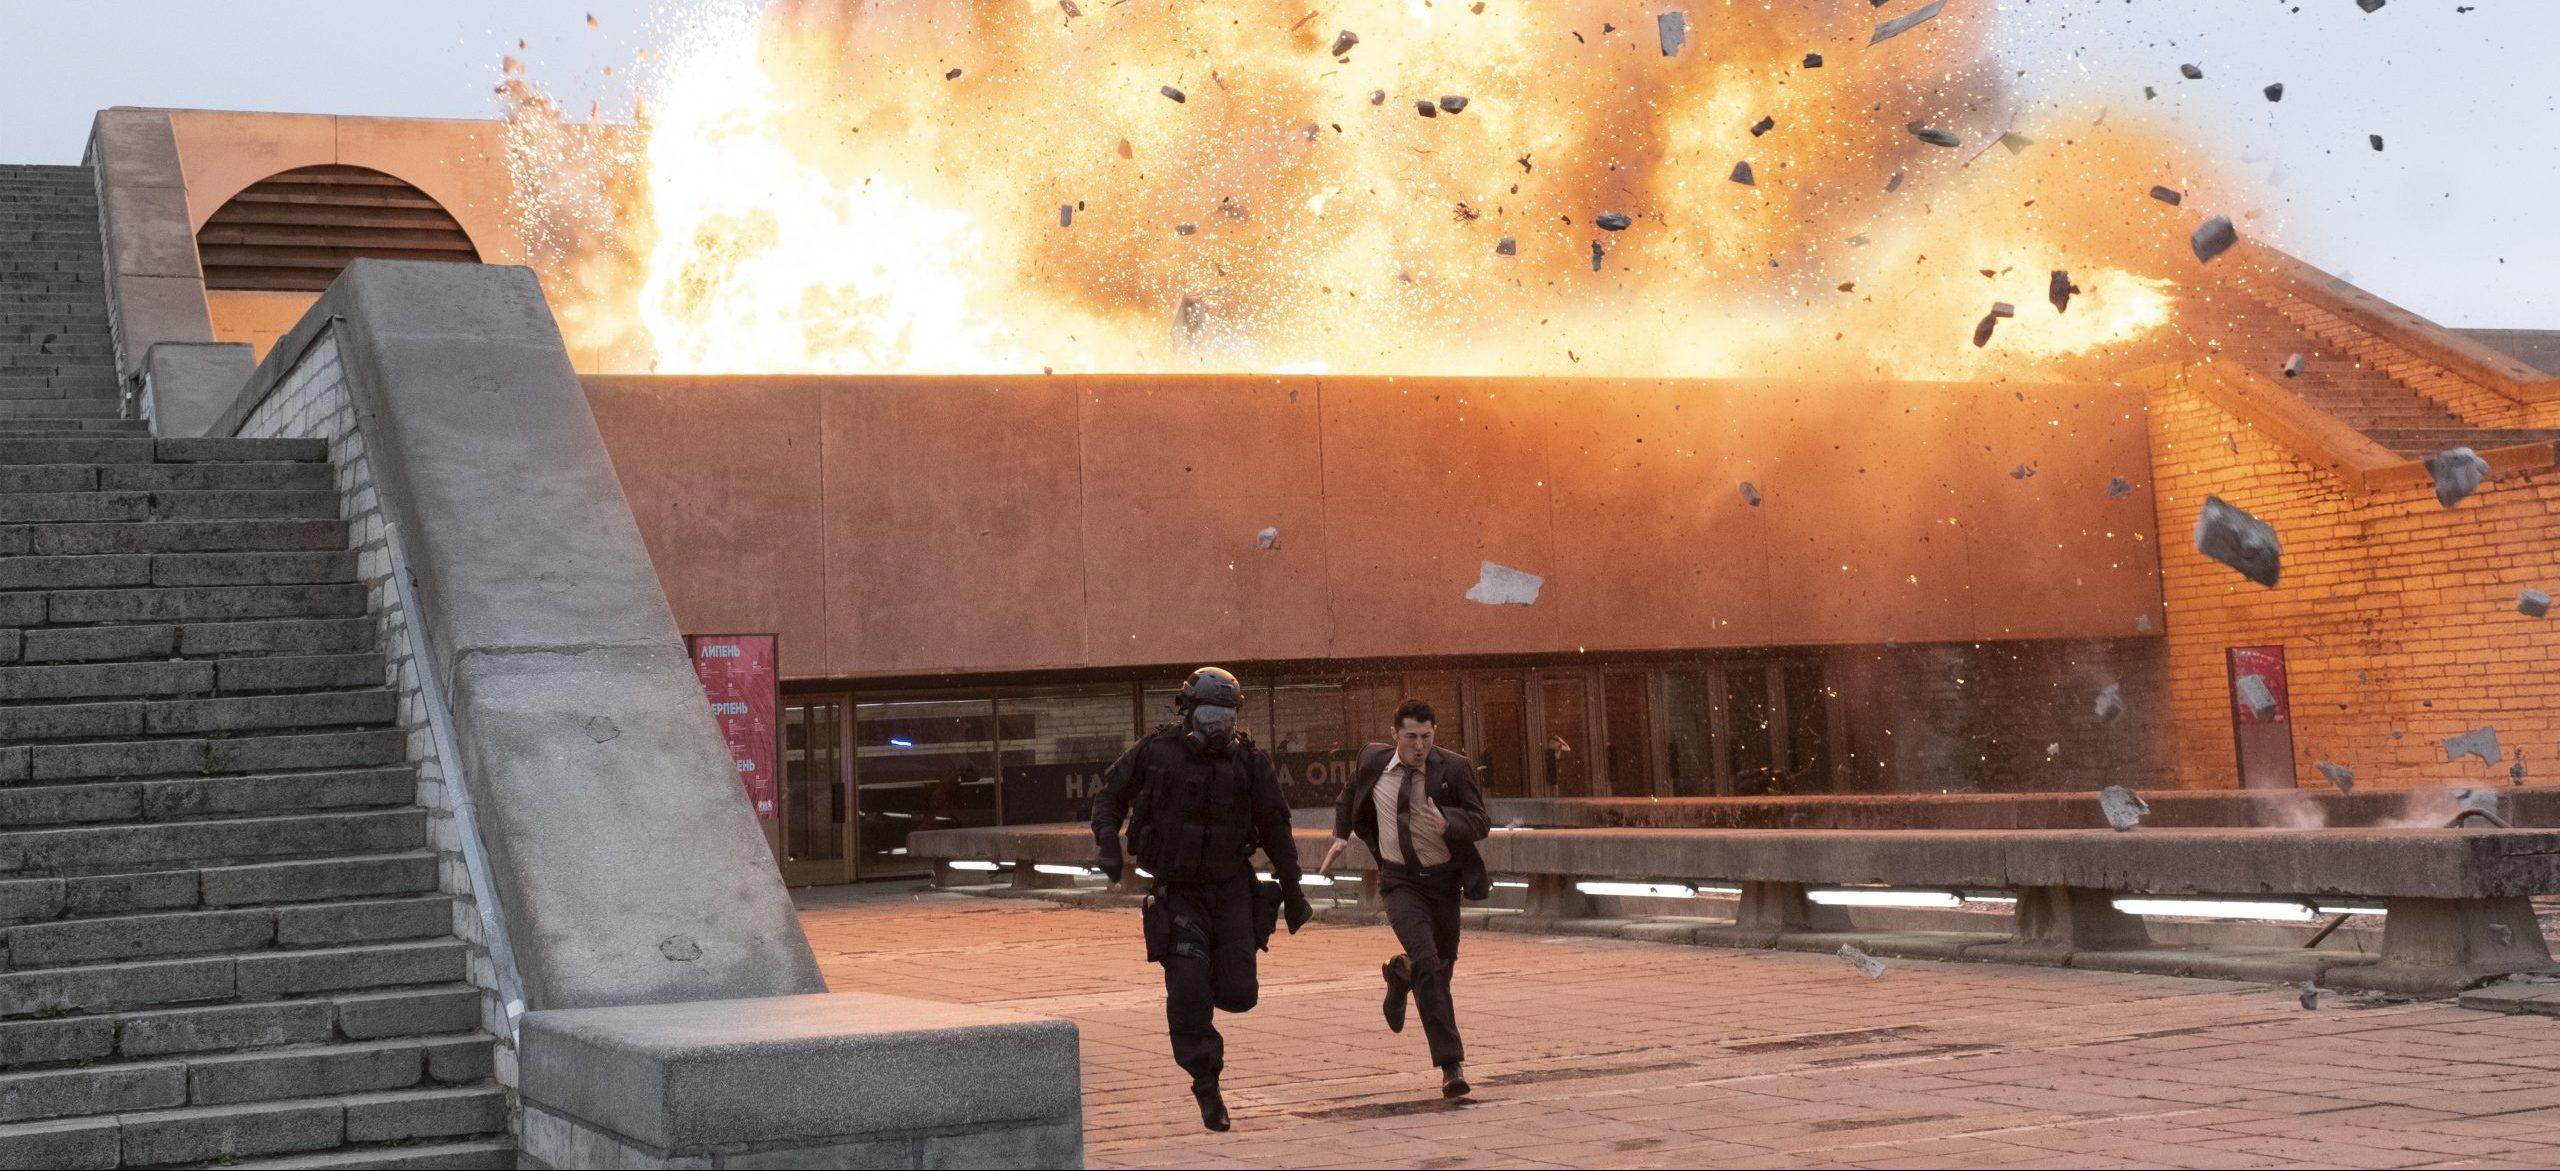 8 puntos de 'TENET' de Christopher Nolan que la hacen aún más fascinante